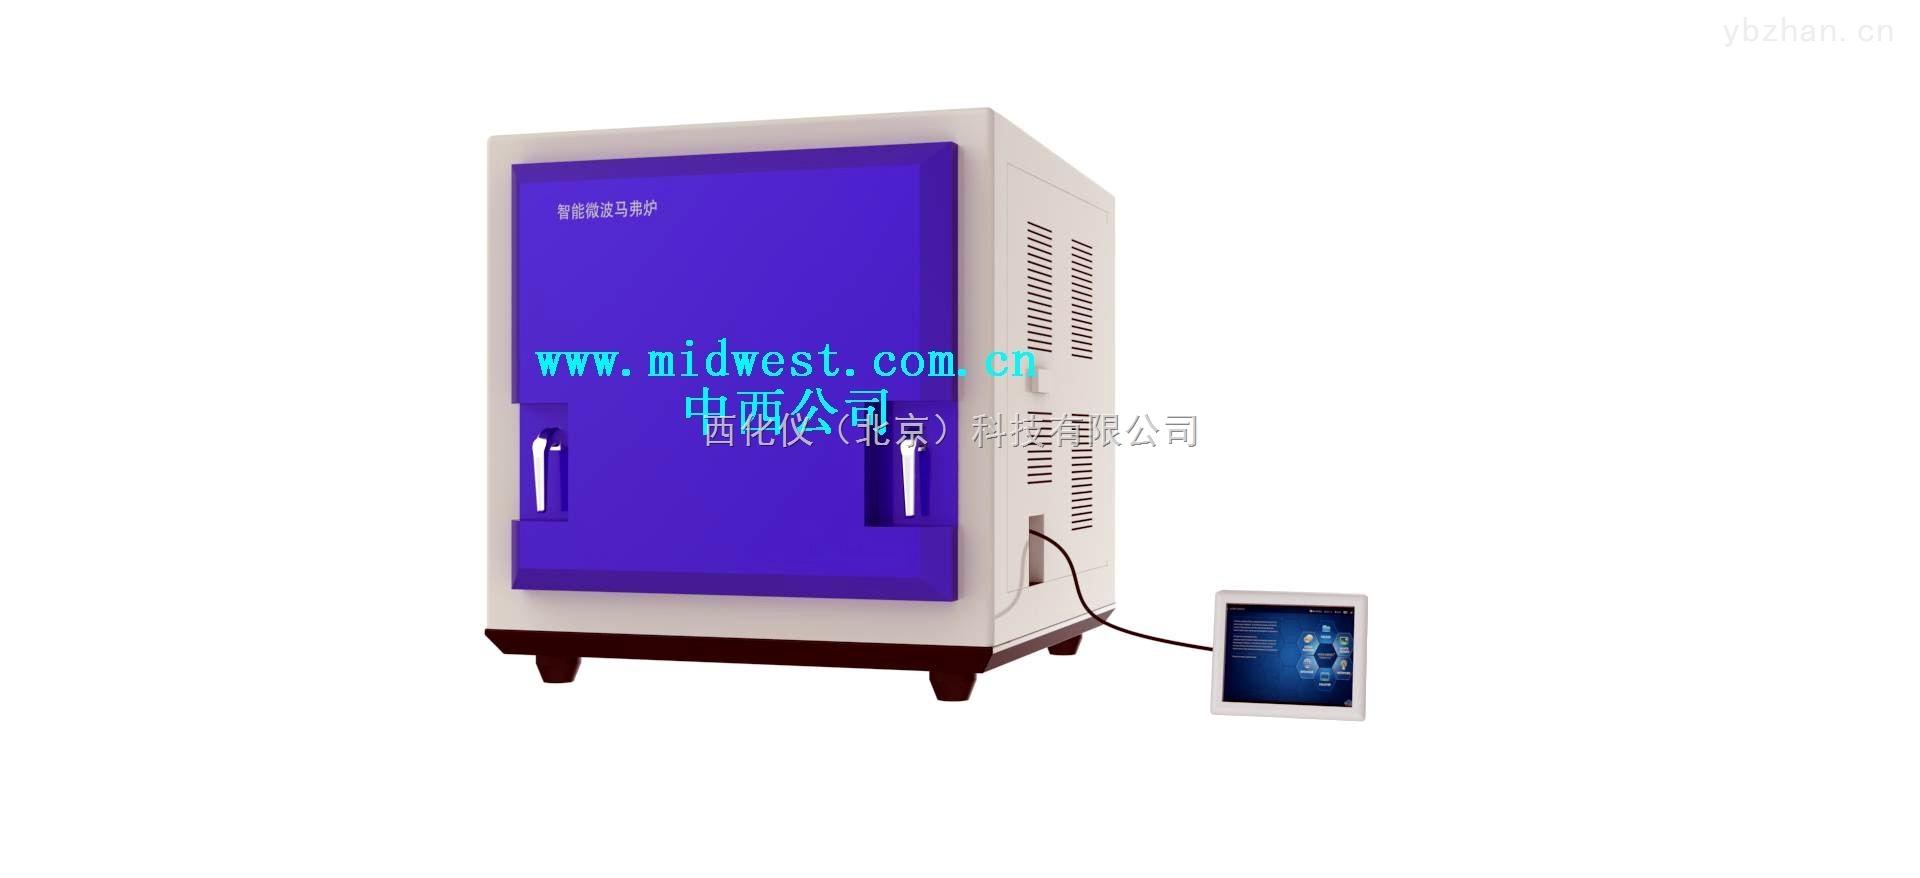 智能微波馬弗爐(功率4500W,溫度0-1600℃) 型號:M316176庫號:M316176